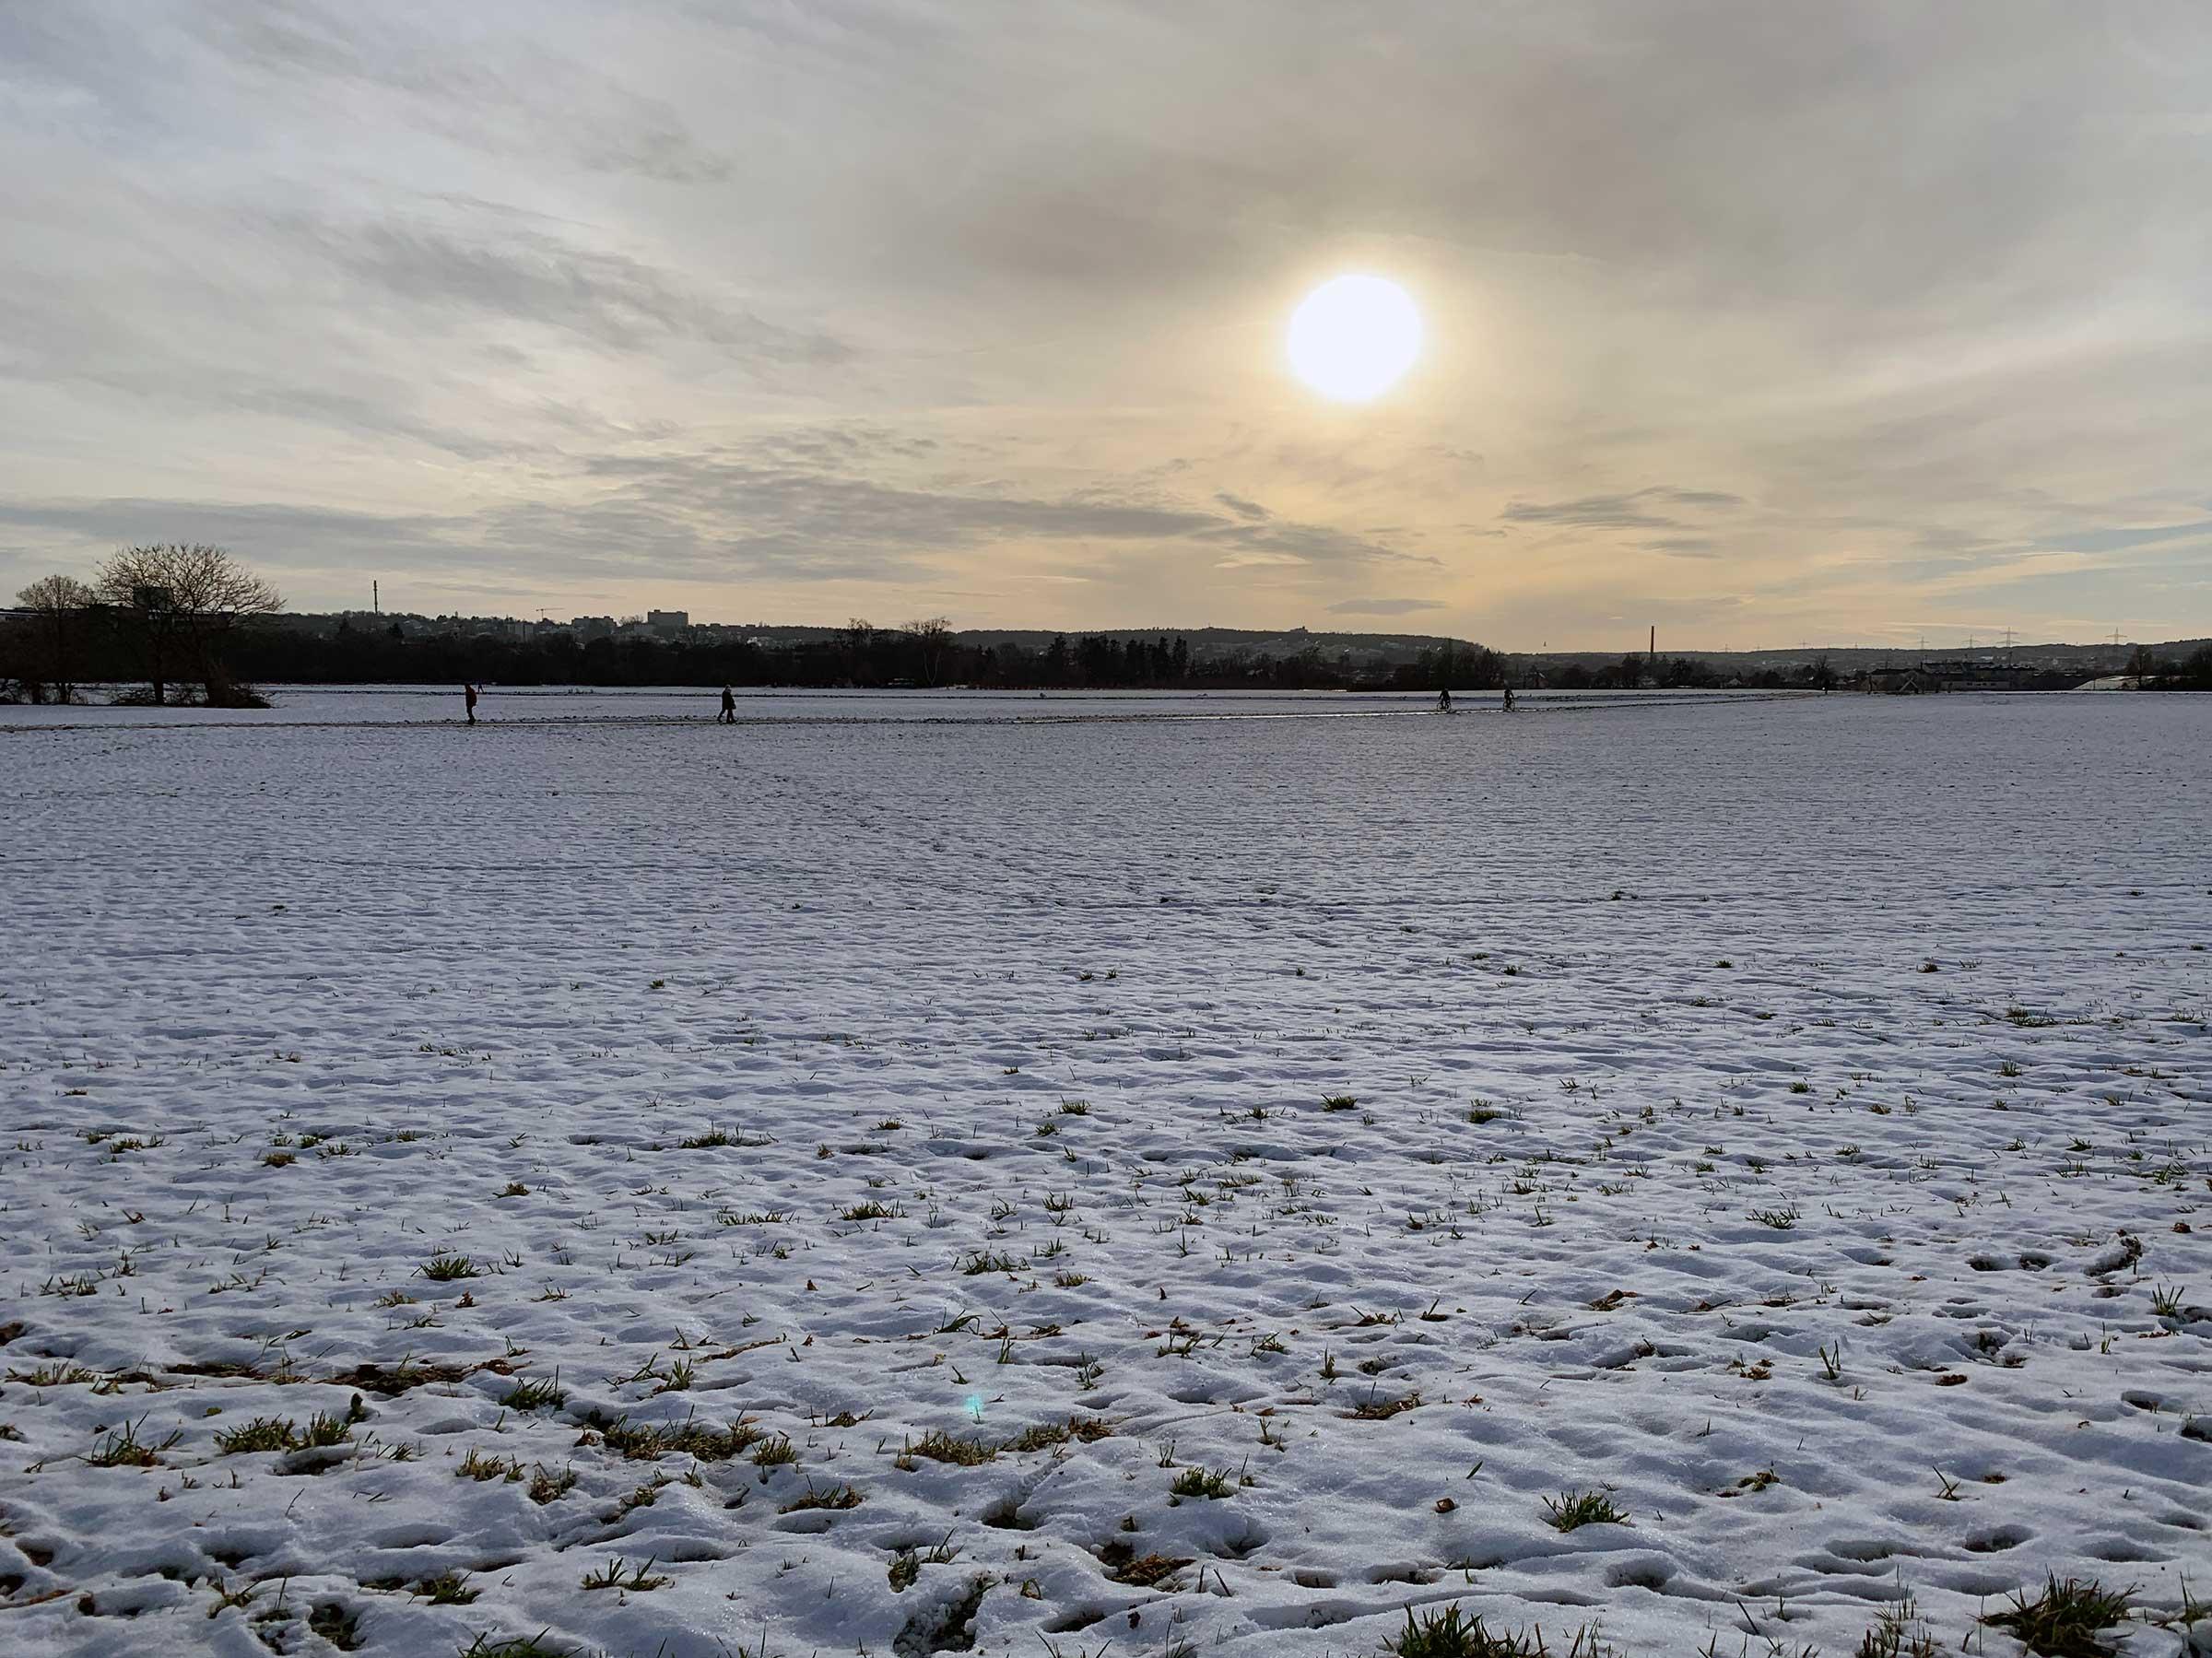 Ein schneebedeckter Acker, im Hintergrund ganz klein Menschen, darüber leicht diesig die untergehende Sonne.